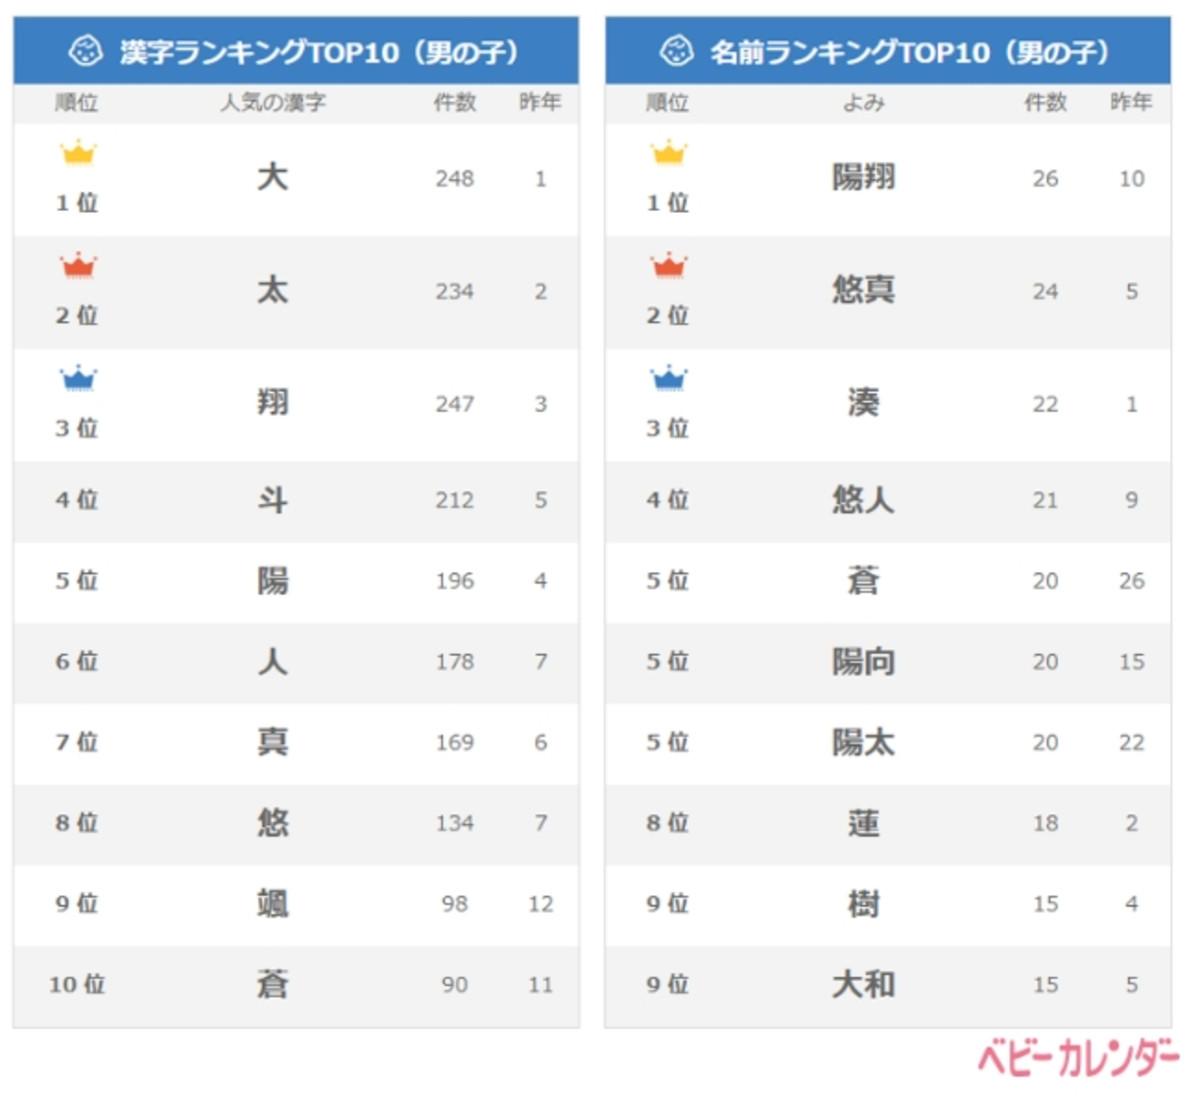 春生まれの男の子に人気の名前・漢字ランキング TOP 10